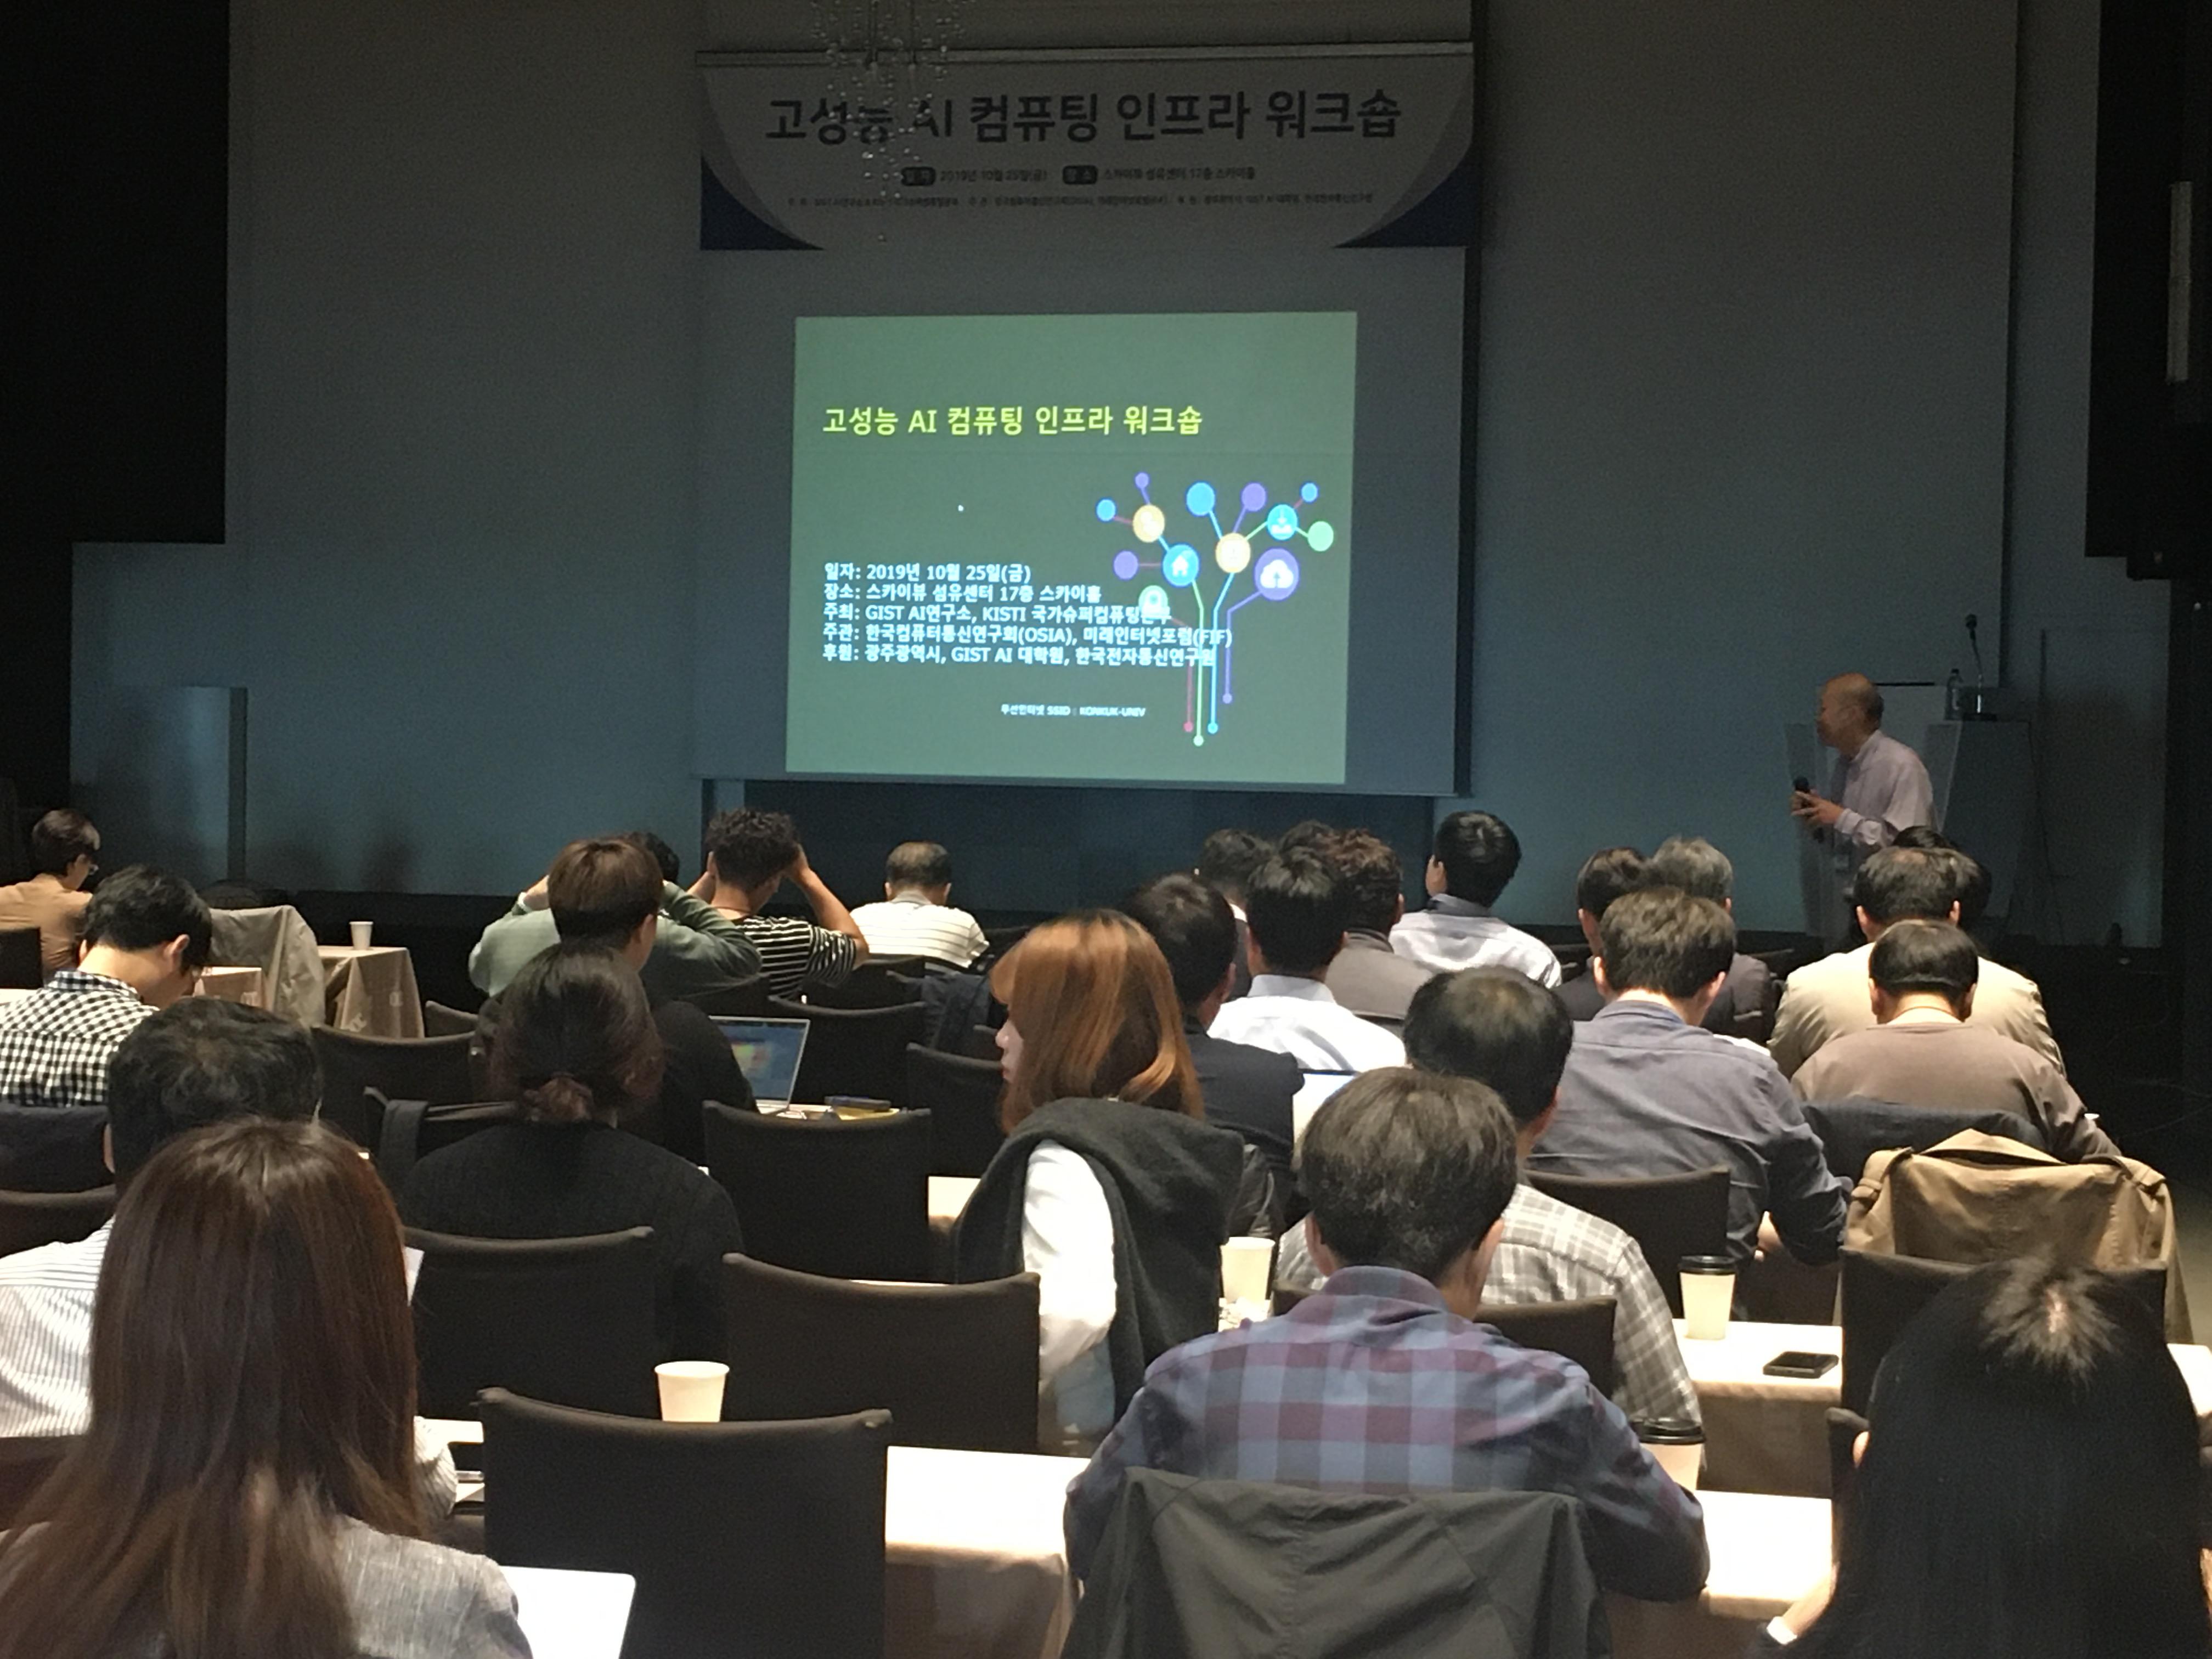 고성능 AI 컴퓨팅 인프라 워크숍 사진